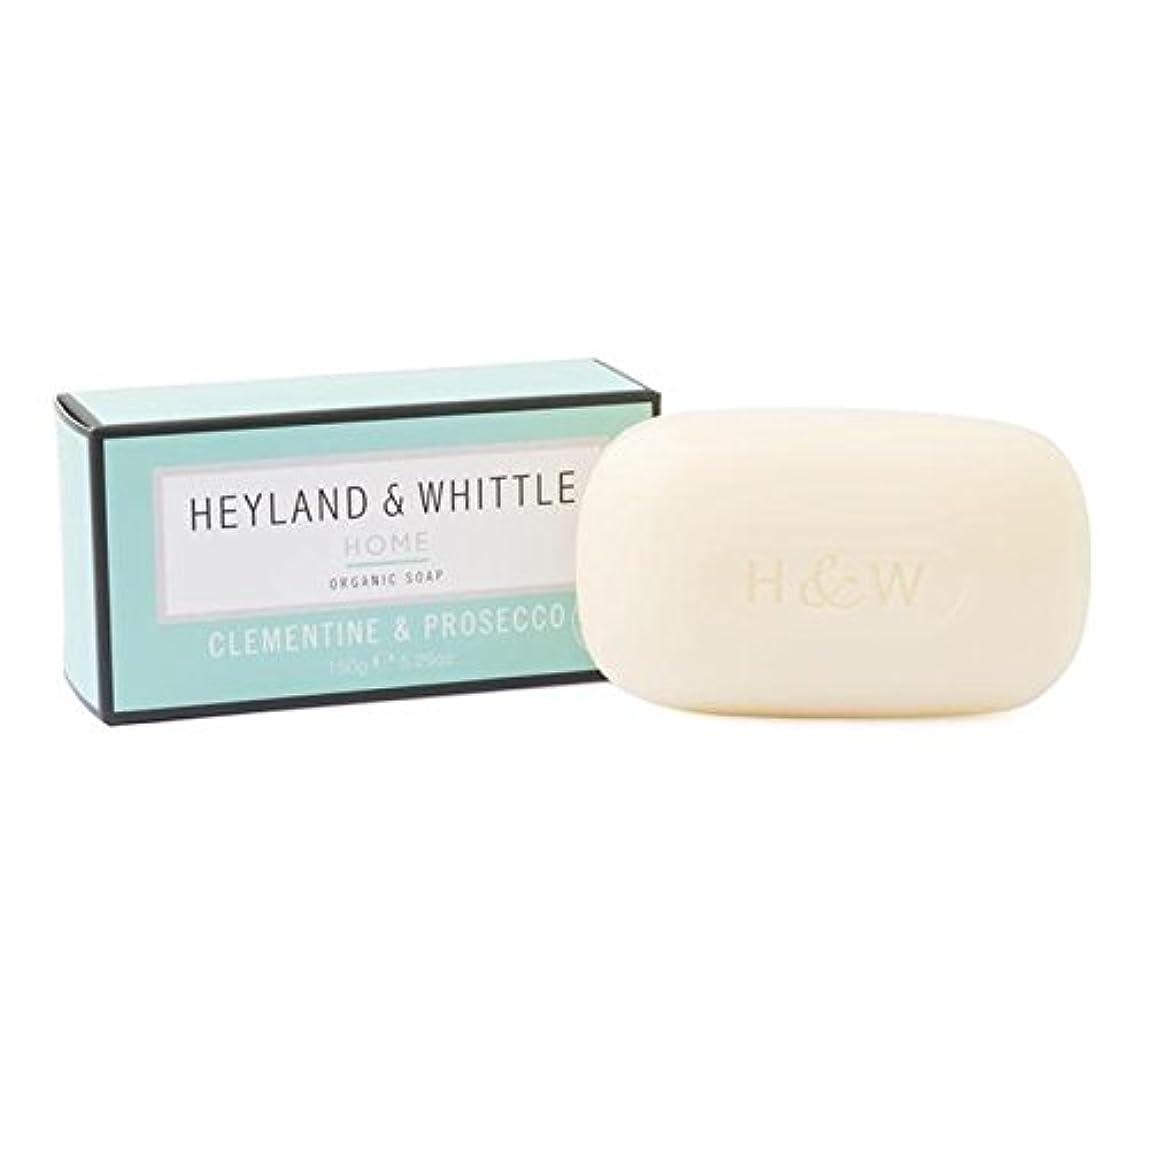 ジェームズダイソン真空香ばしい&削るホームクレメンタイン&プロセッコ有機石鹸150グラム x2 - Heyland & Whittle Home Clementine & Prosecco Organic Soap 150g (Pack of 2)...